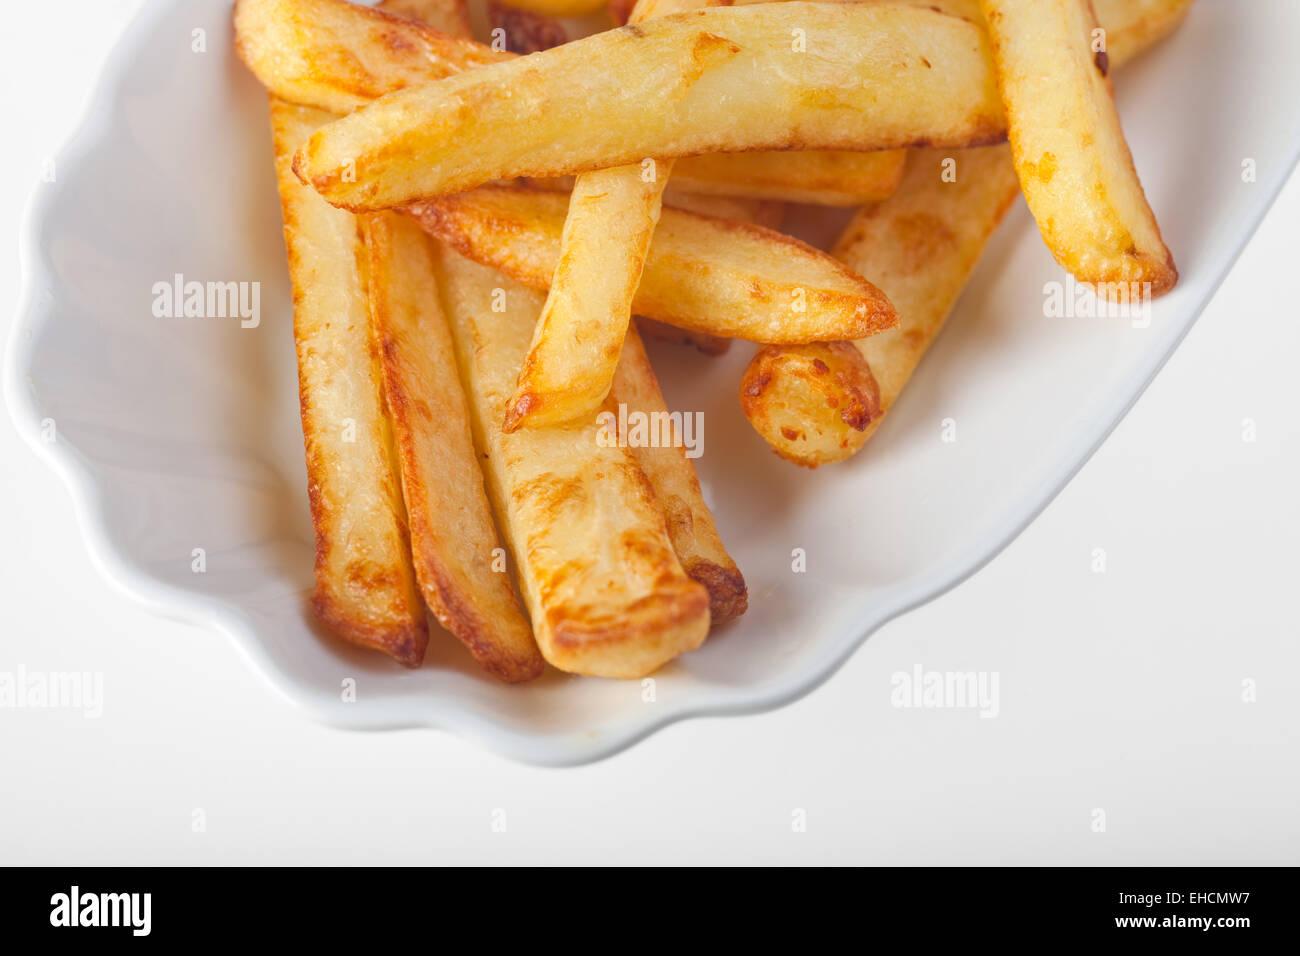 Le patatine fritte in un piatto tipico Immagini Stock